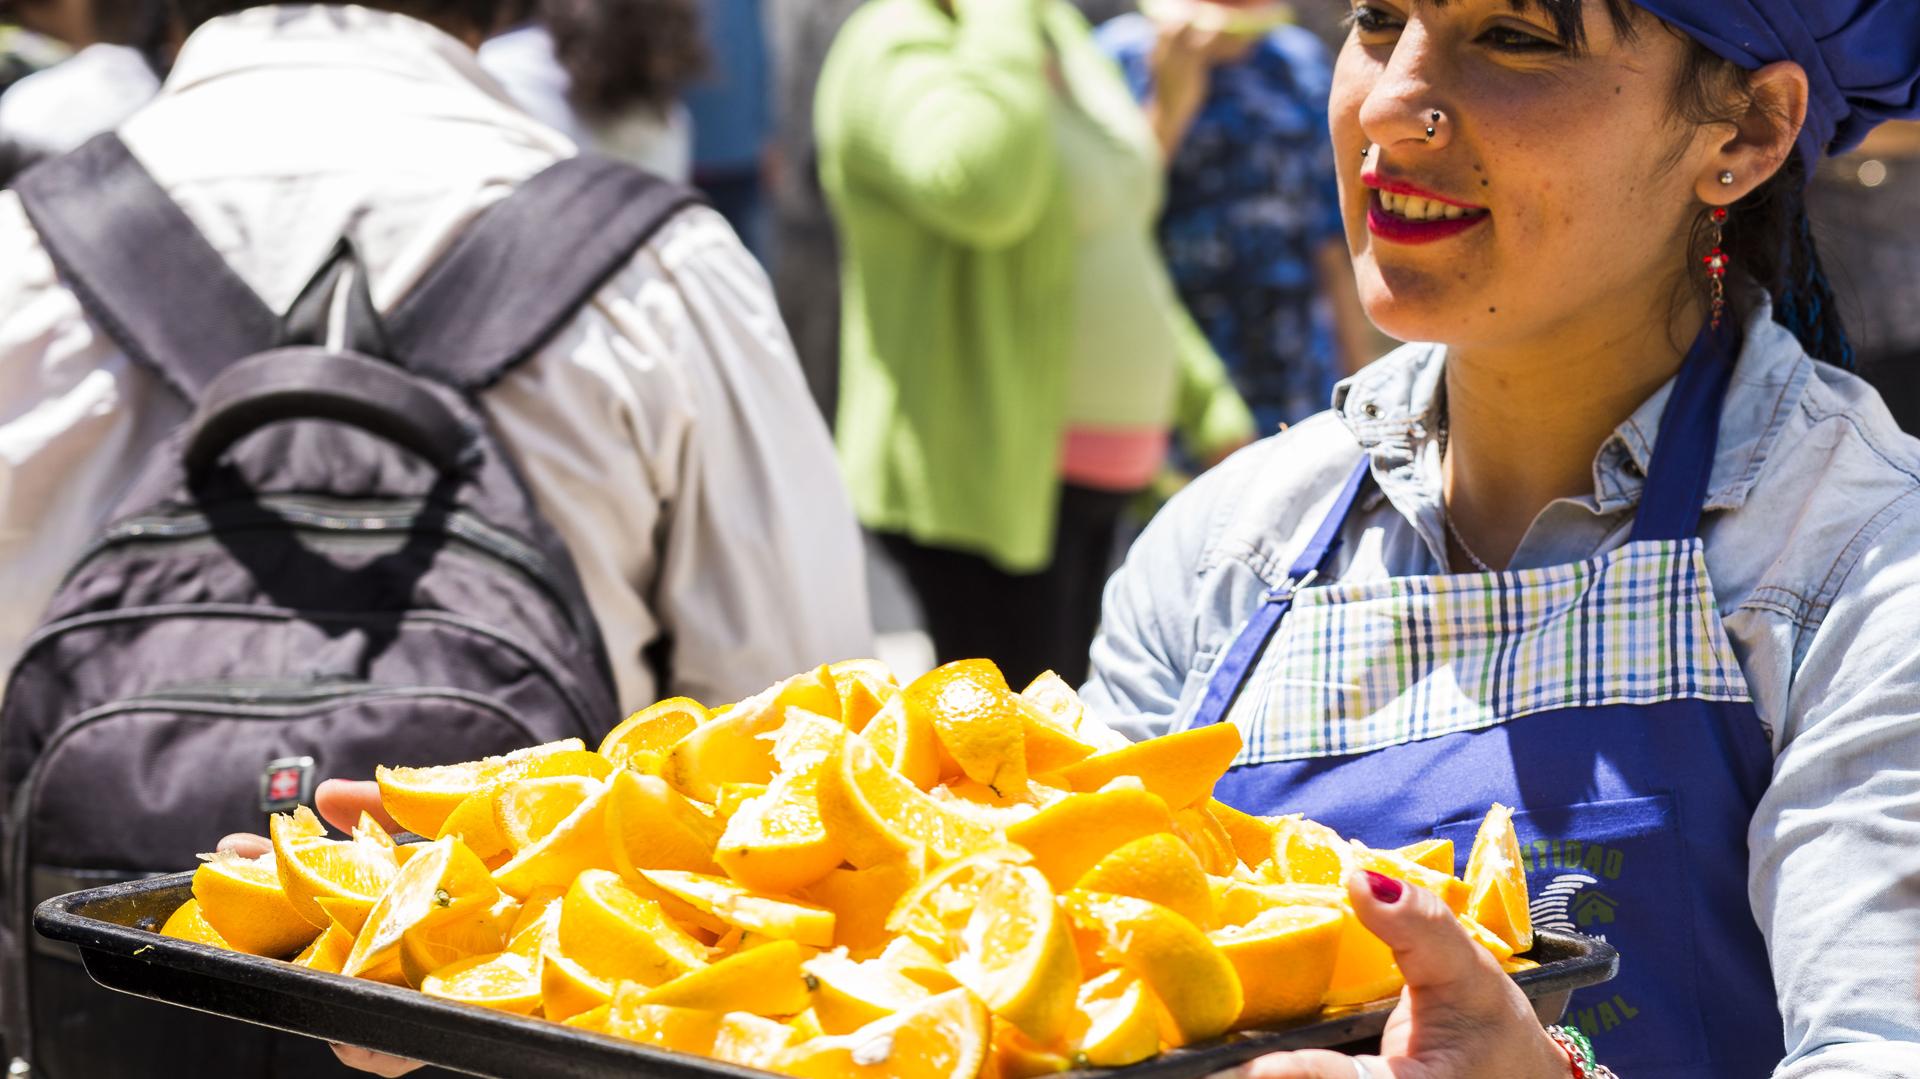 Un grupo de voluntarios de distintas organizaciones civiles y vecinales prepararon kilos y kilos de verduras y frutas que puesteros del Mercado Central de Buenos Aires donaron un día antes